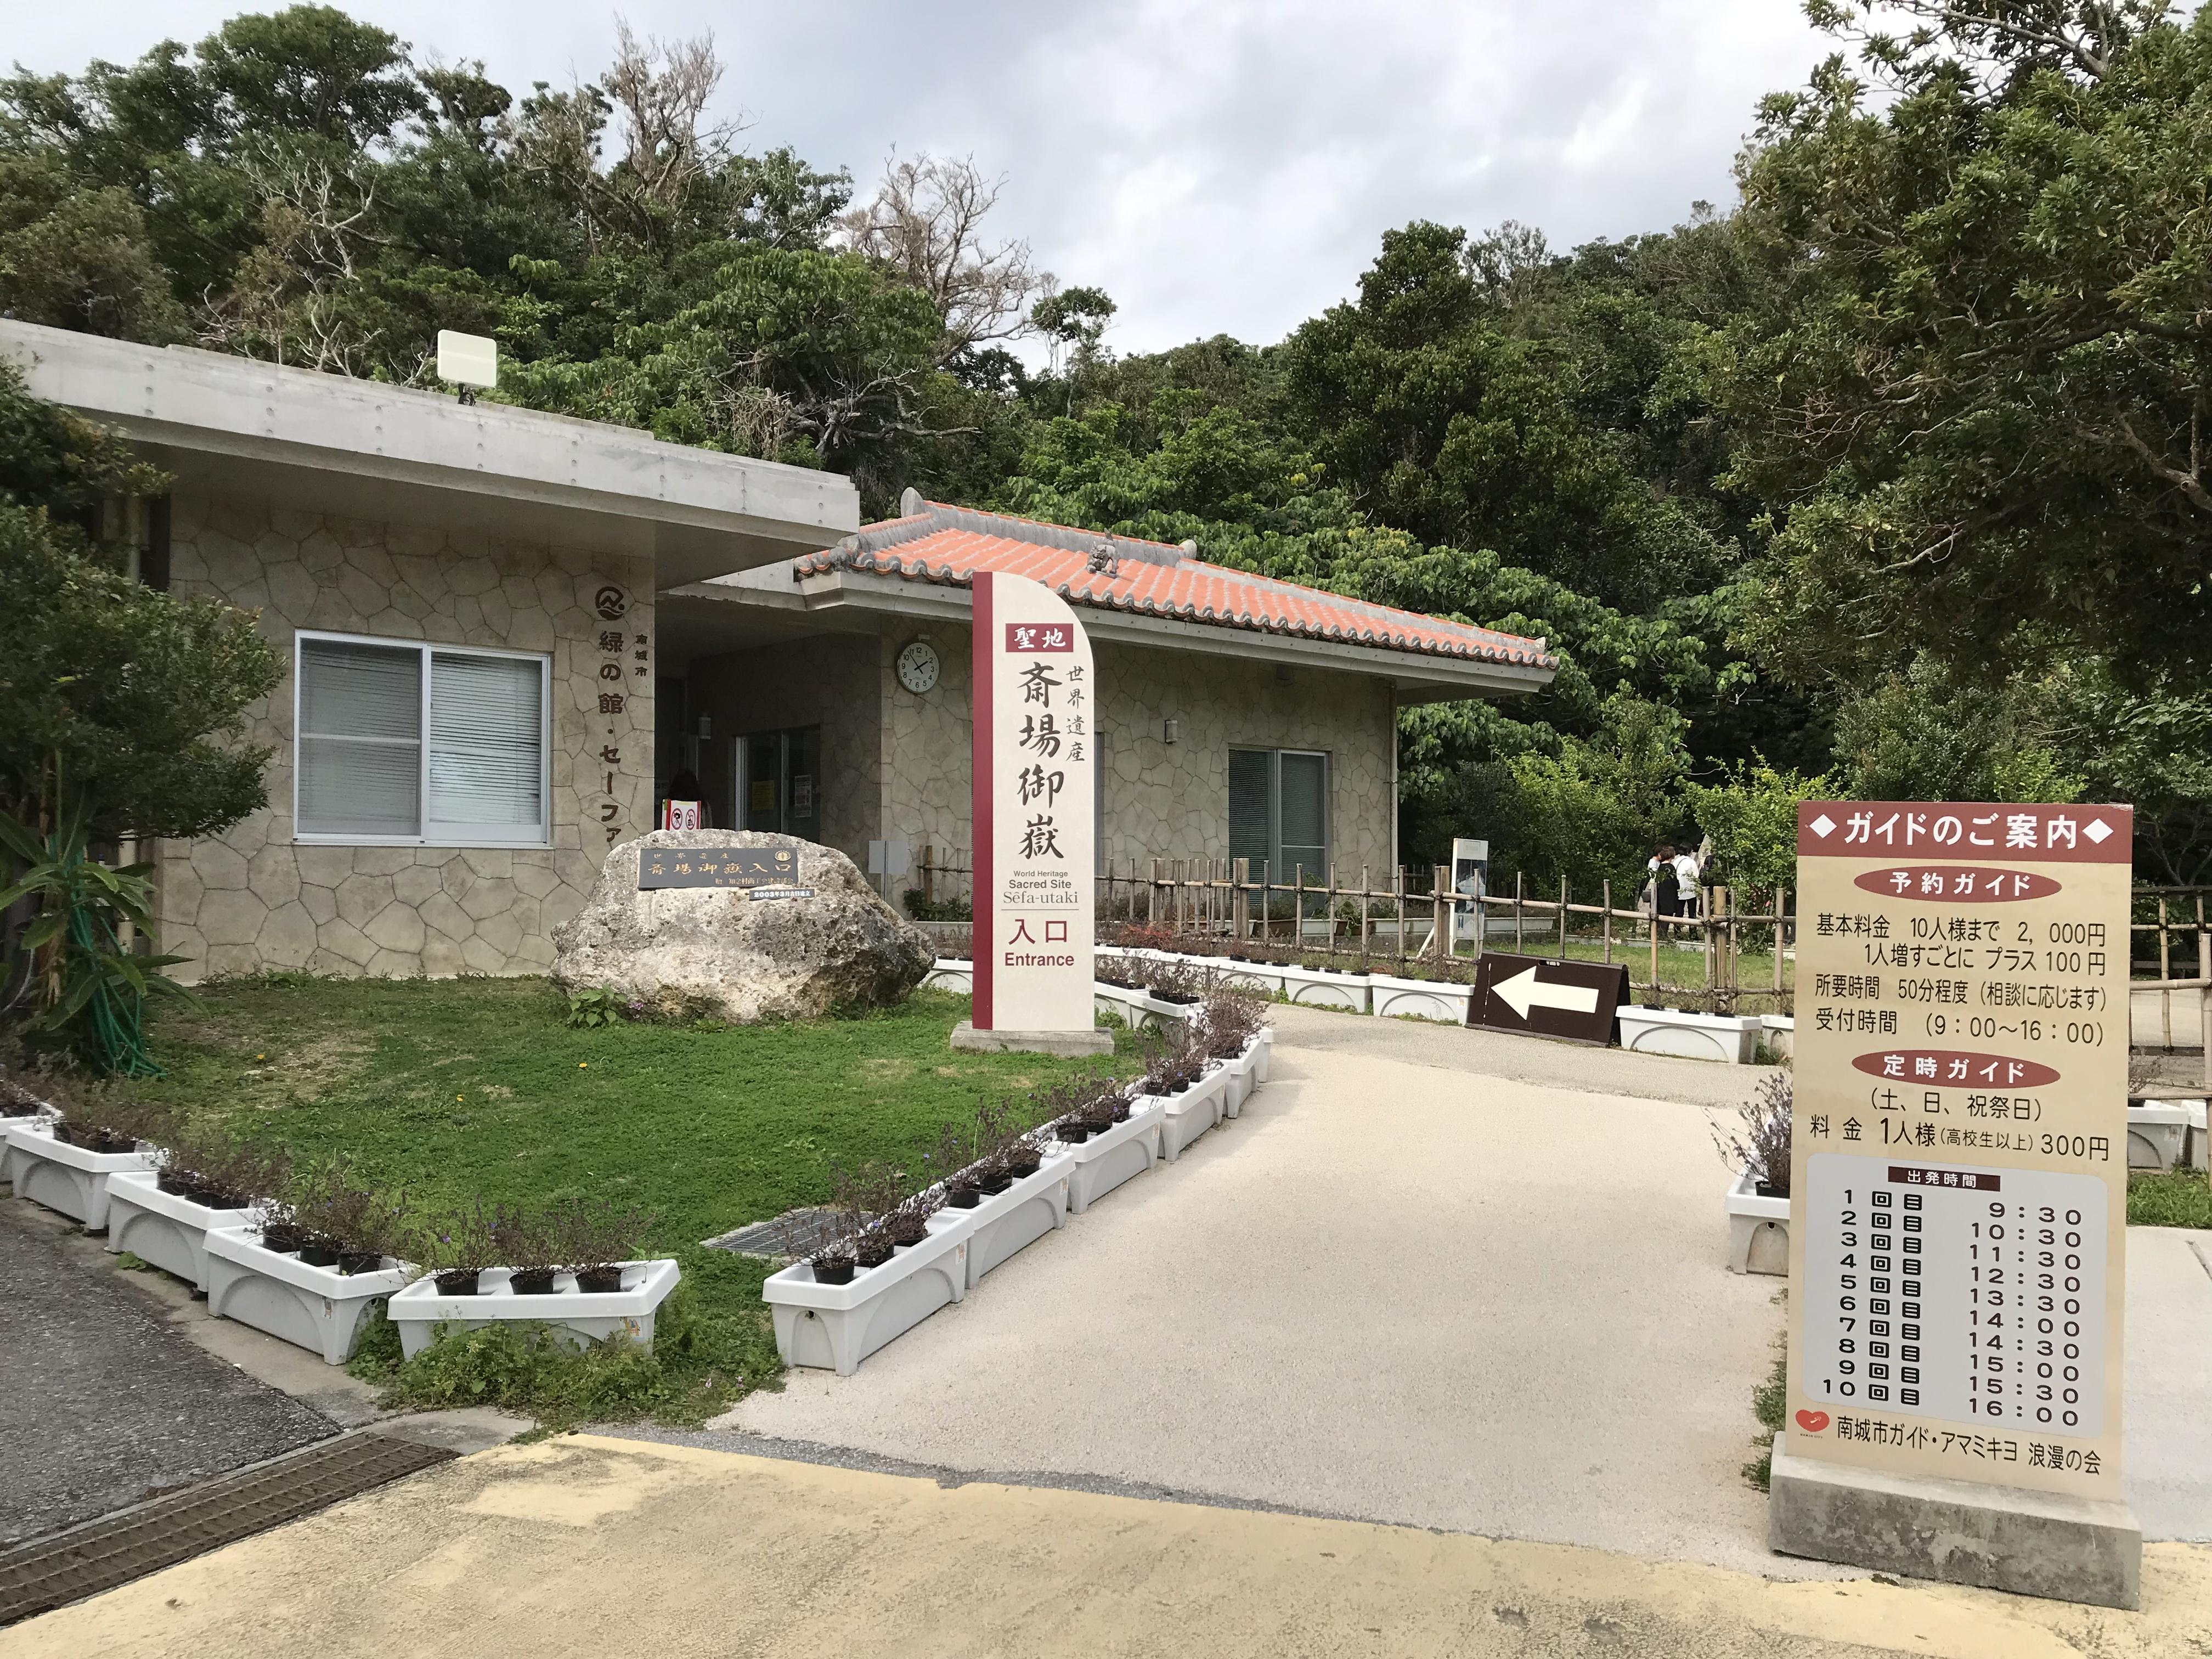 沖縄県南城市にある超人気観光スポット「斎場御嶽」ってどんな場所?